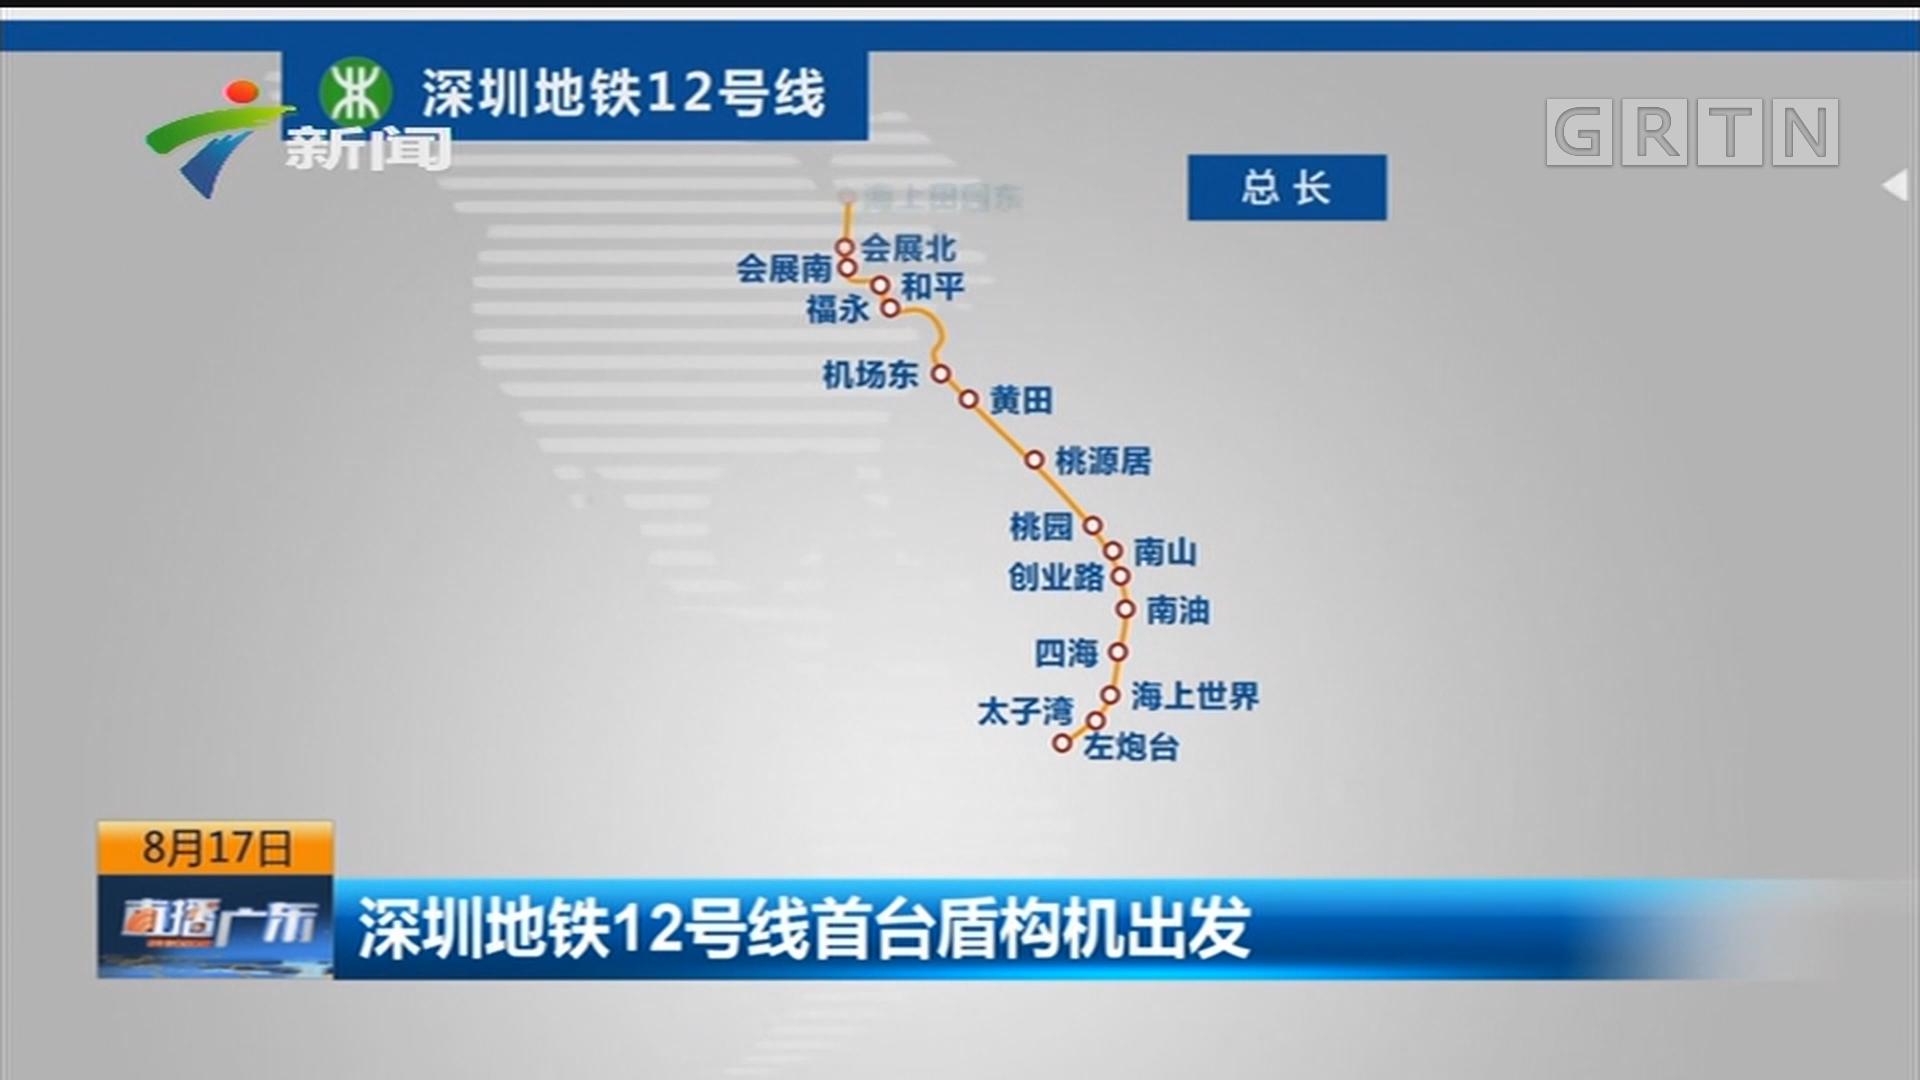 深圳地铁12号线首台盾构机出发